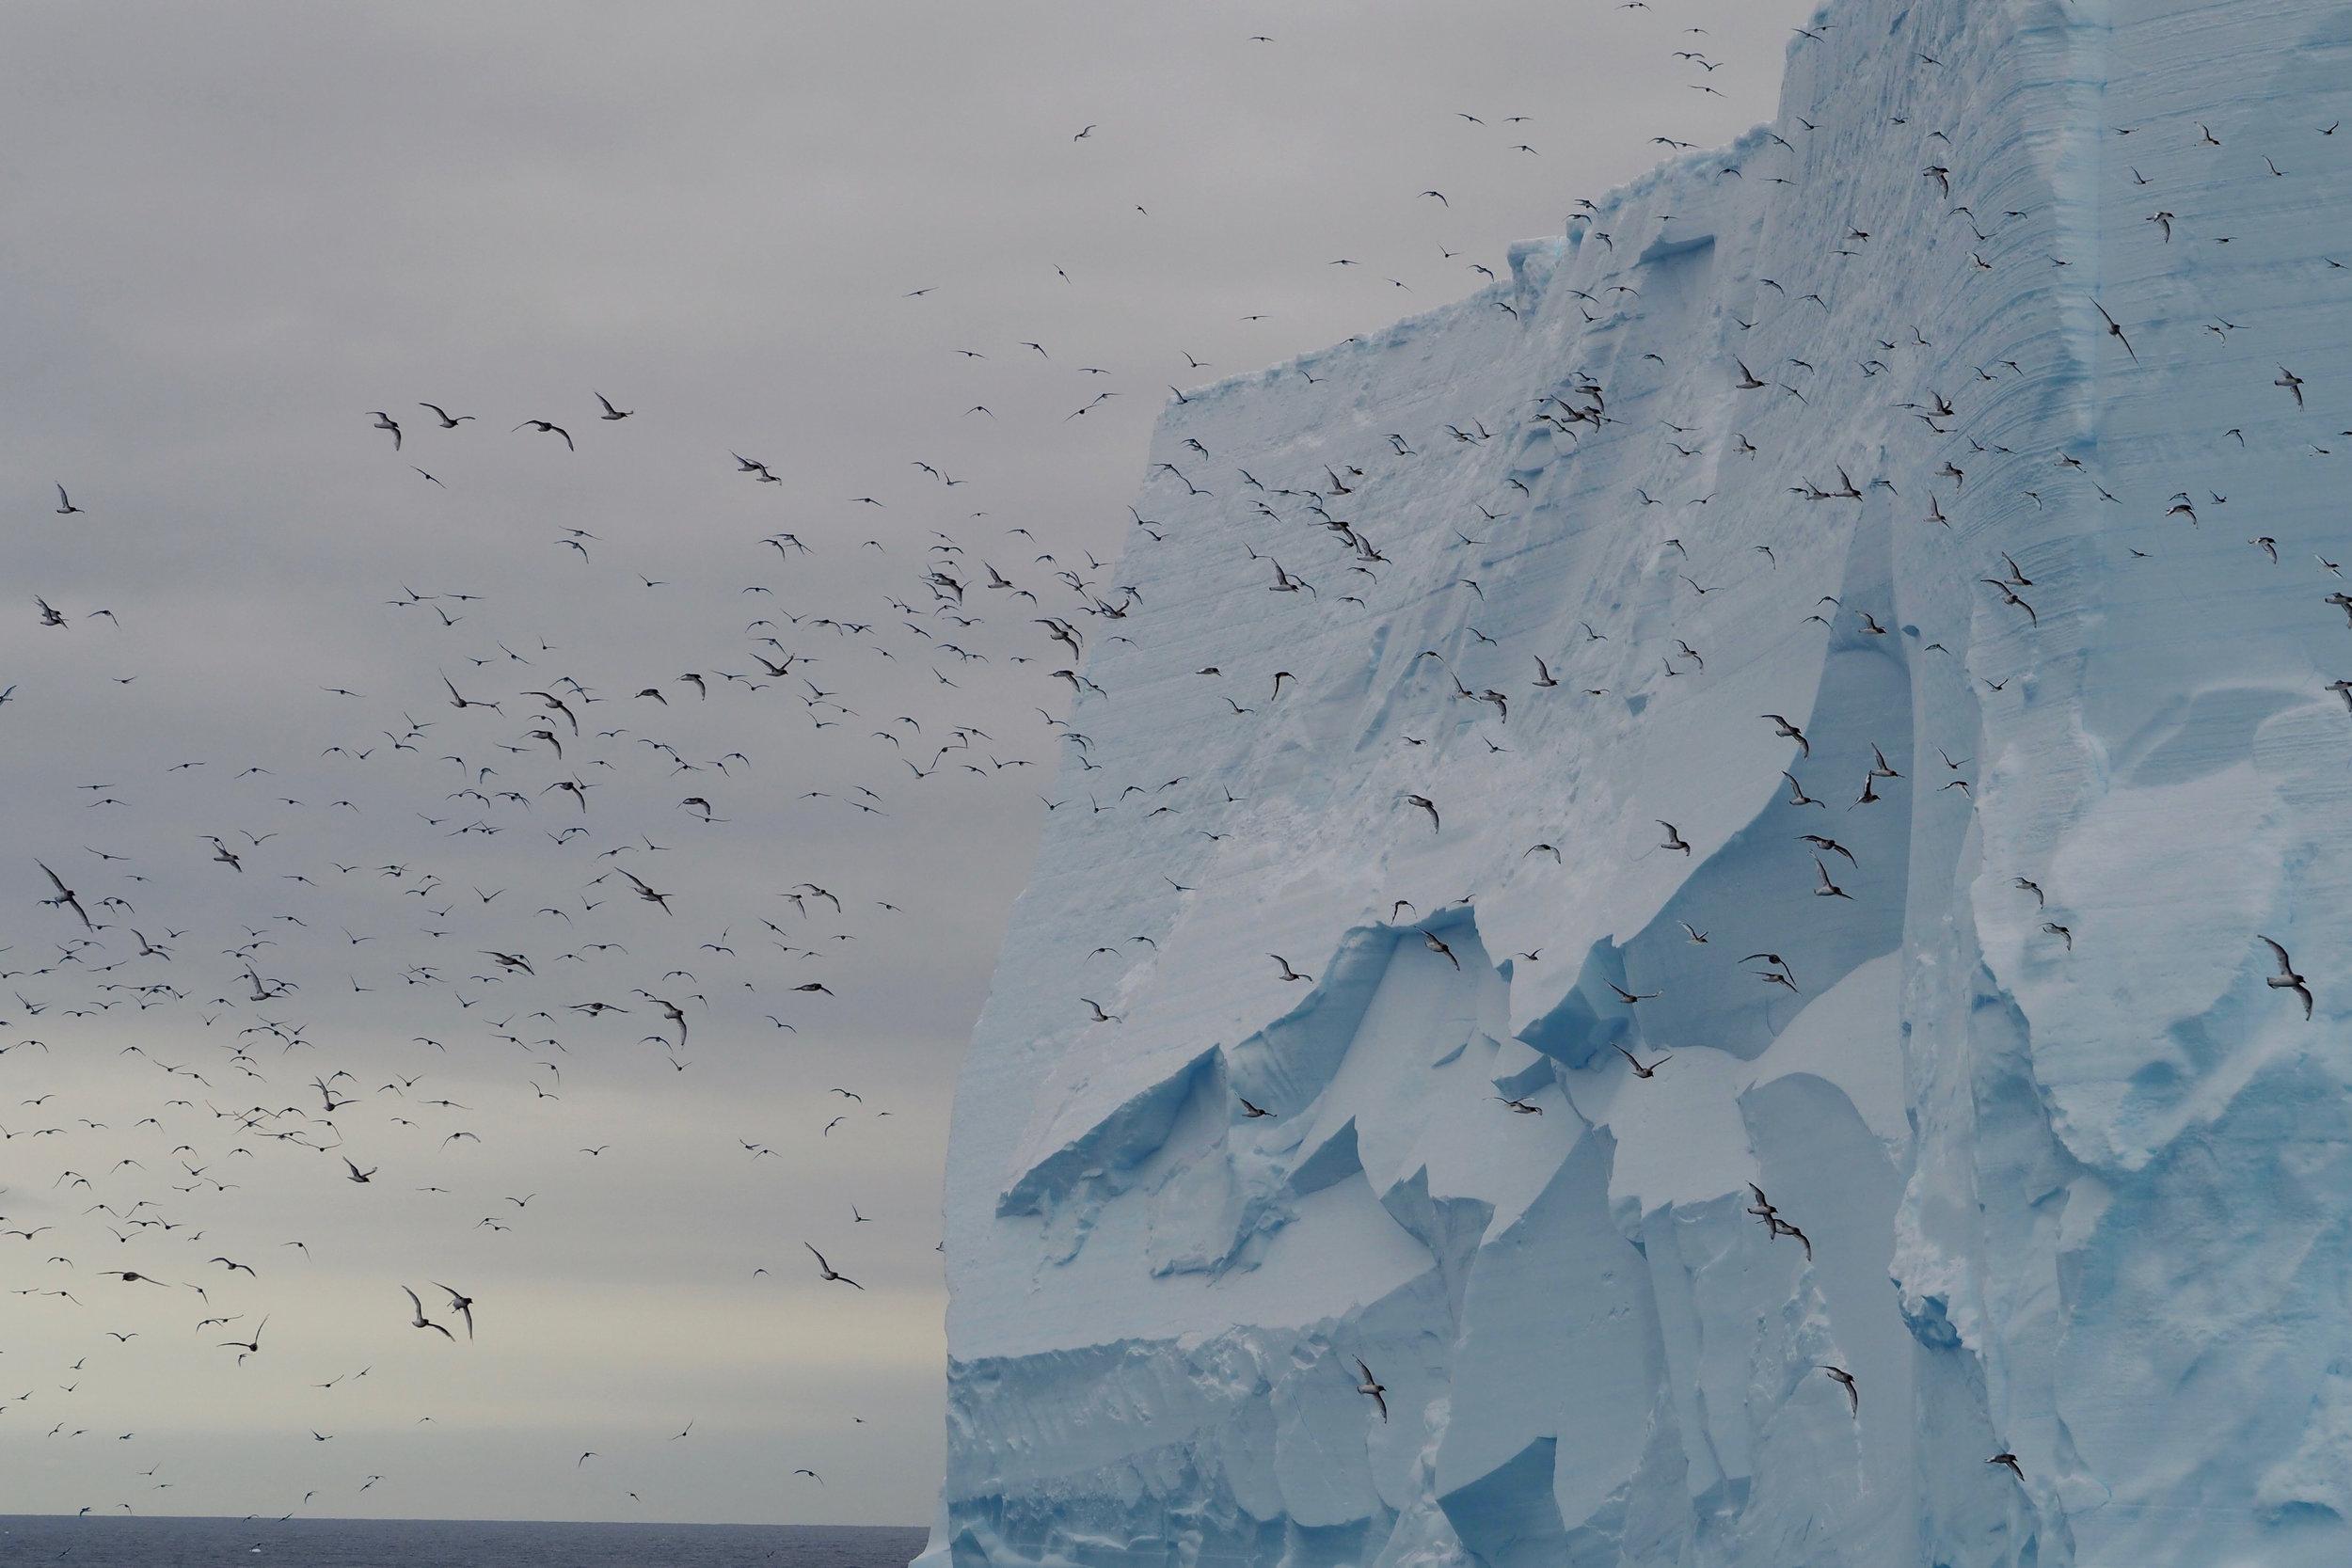 Antarctic petrels